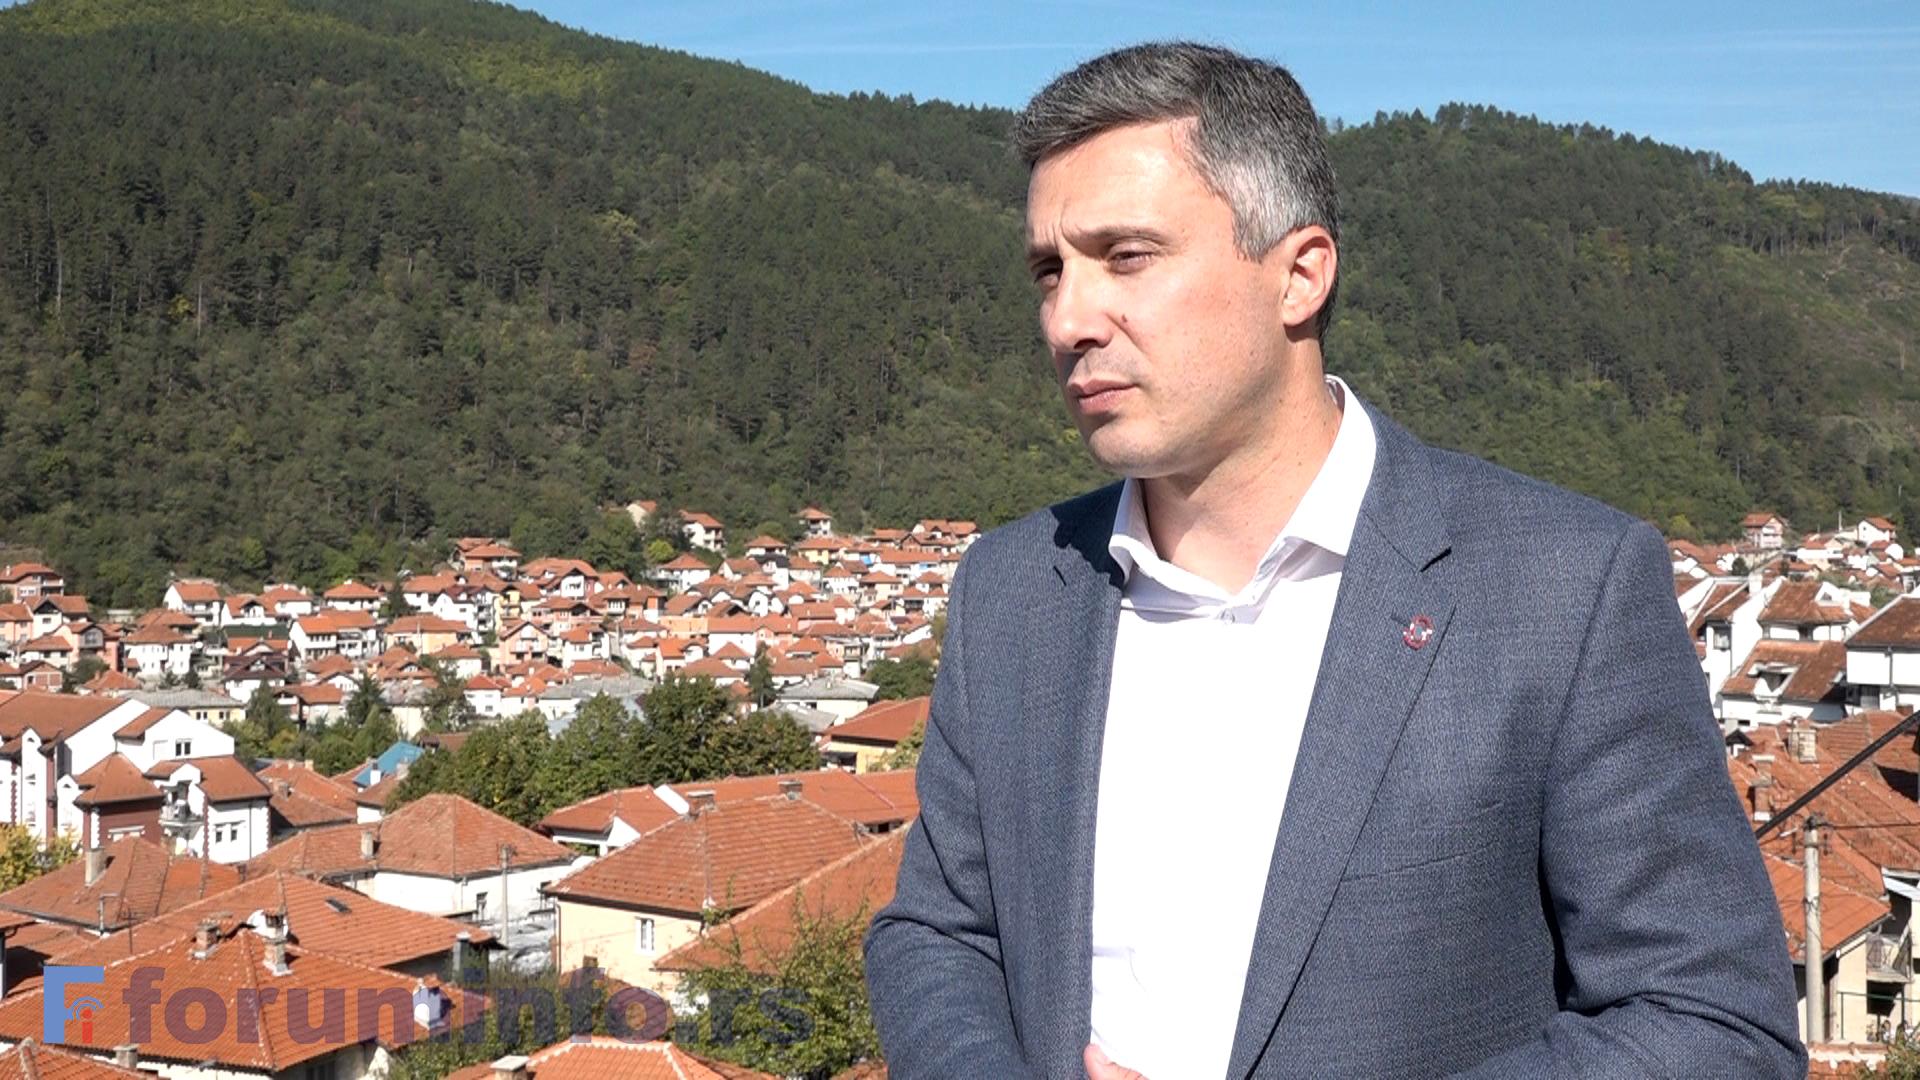 Бошко Обрадовић у Пријепољу: Бојкотом до фер избора